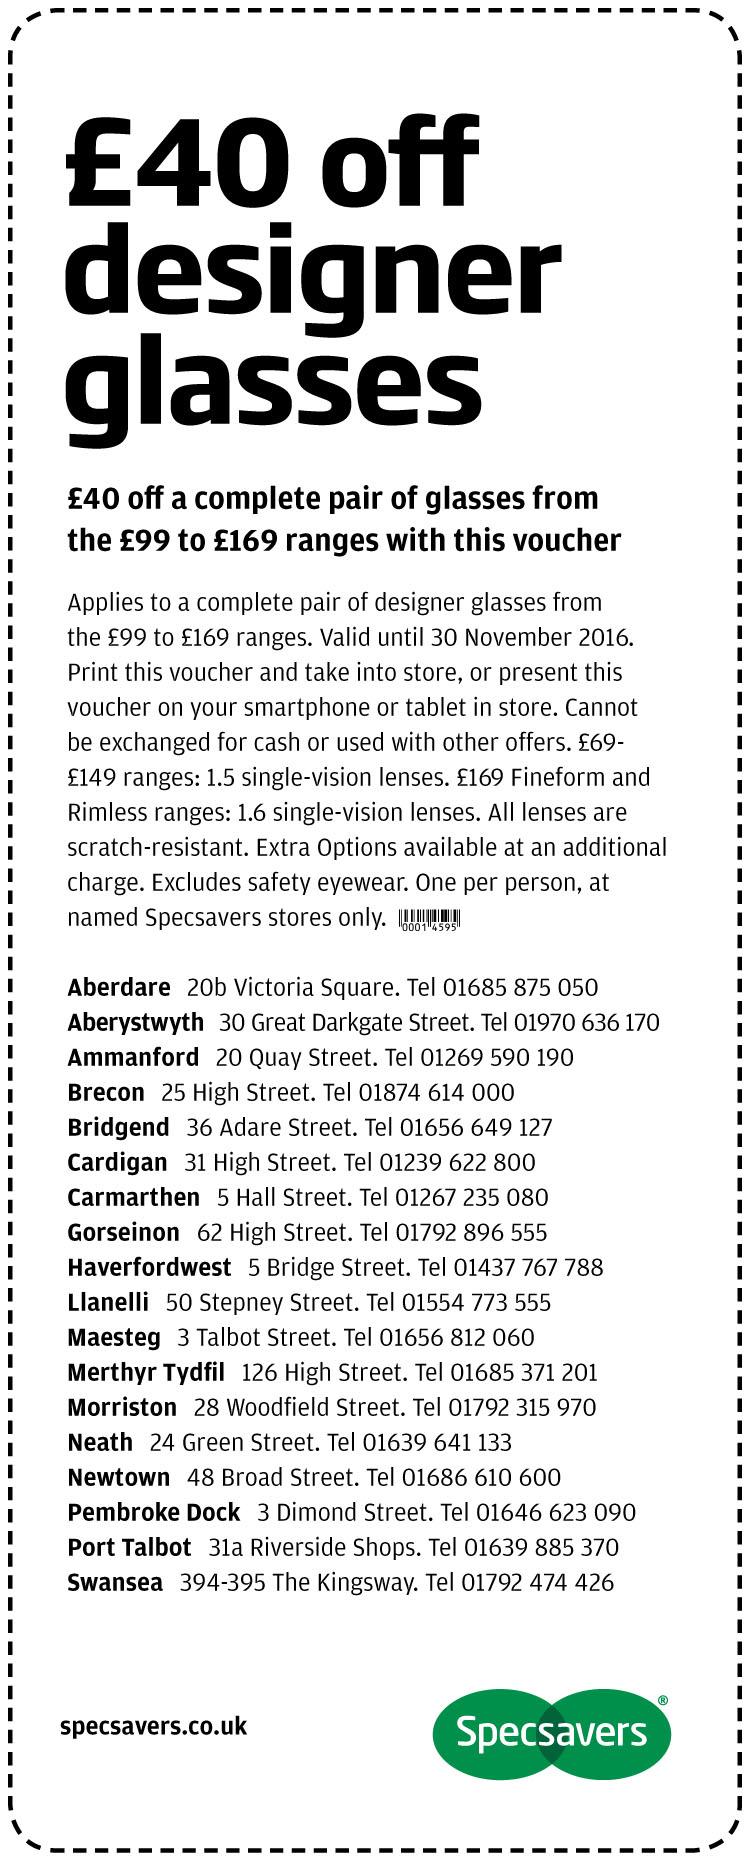 £40 off designer glasses - West Wales